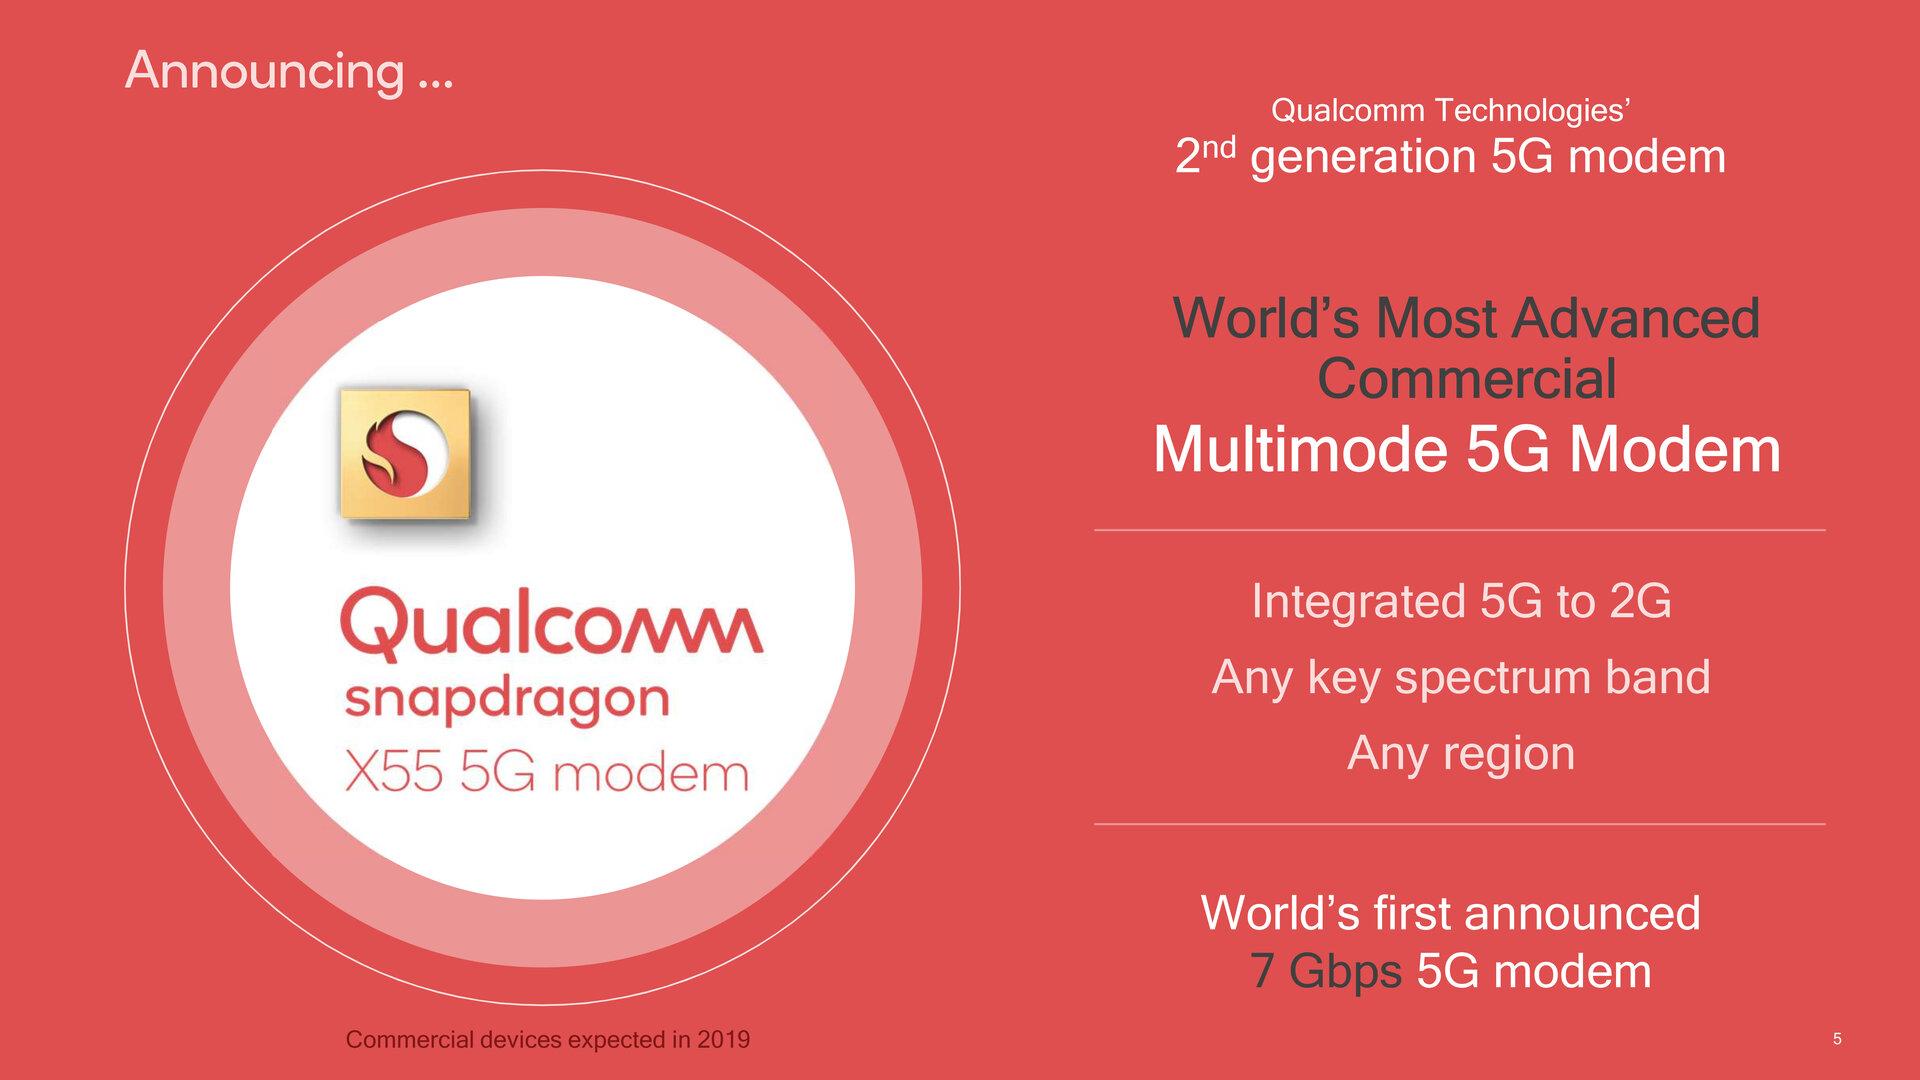 Das Snapdragon X55 ist das zweite 5G-Modem von Qualcomm